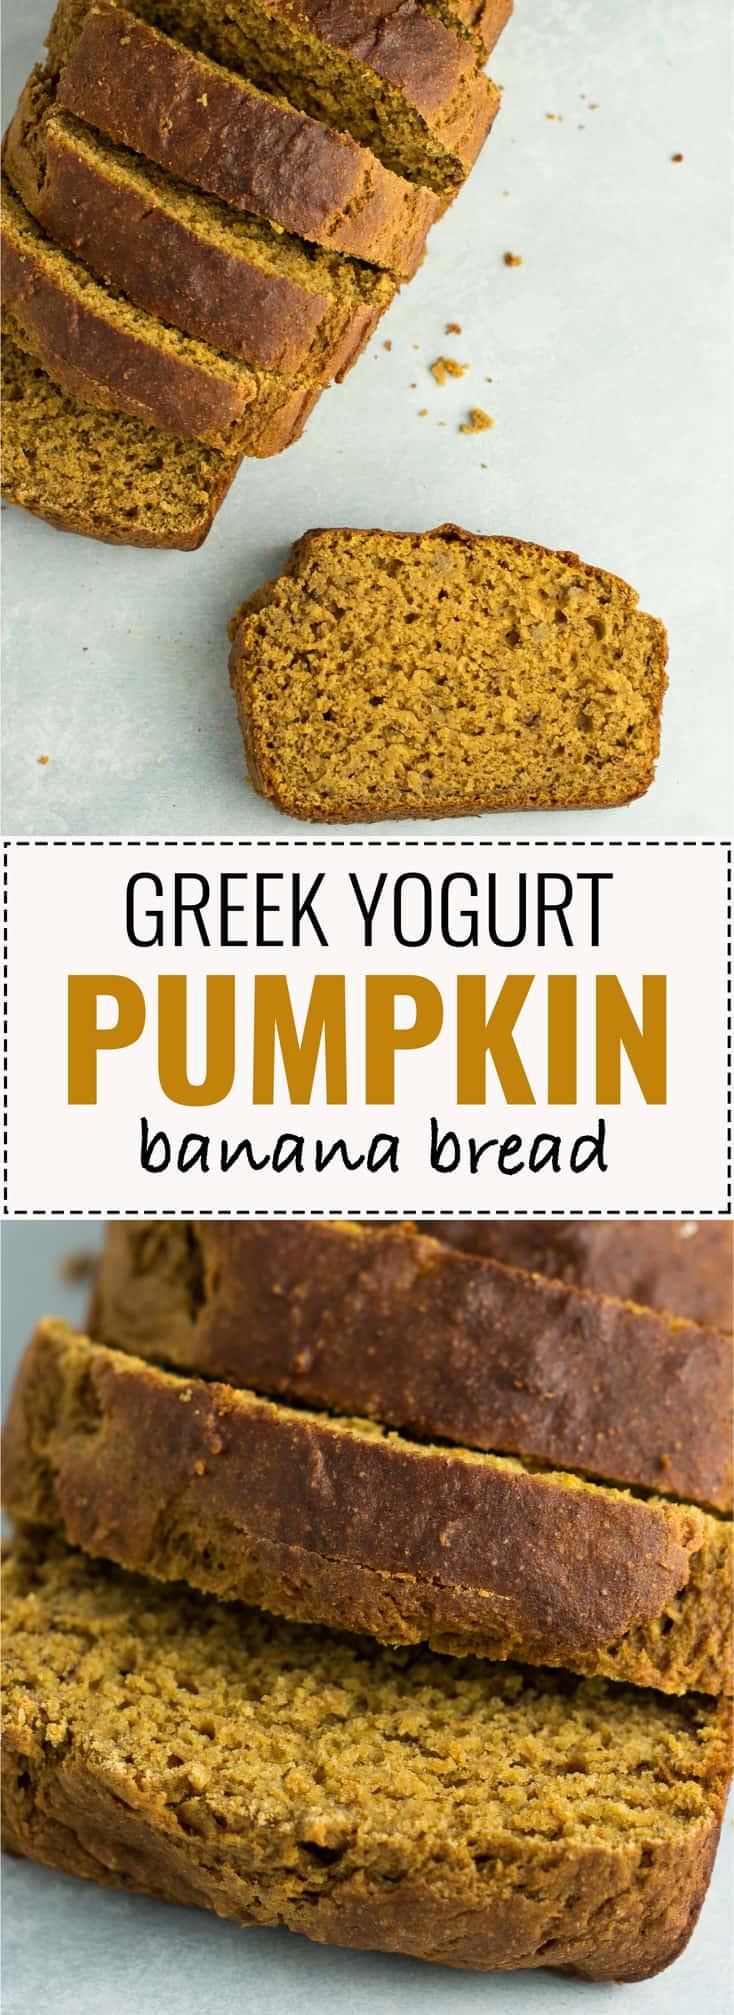 Healthy Pumpkin Banana Bread Recipe - Build Your Bite #bananabreadrecipe